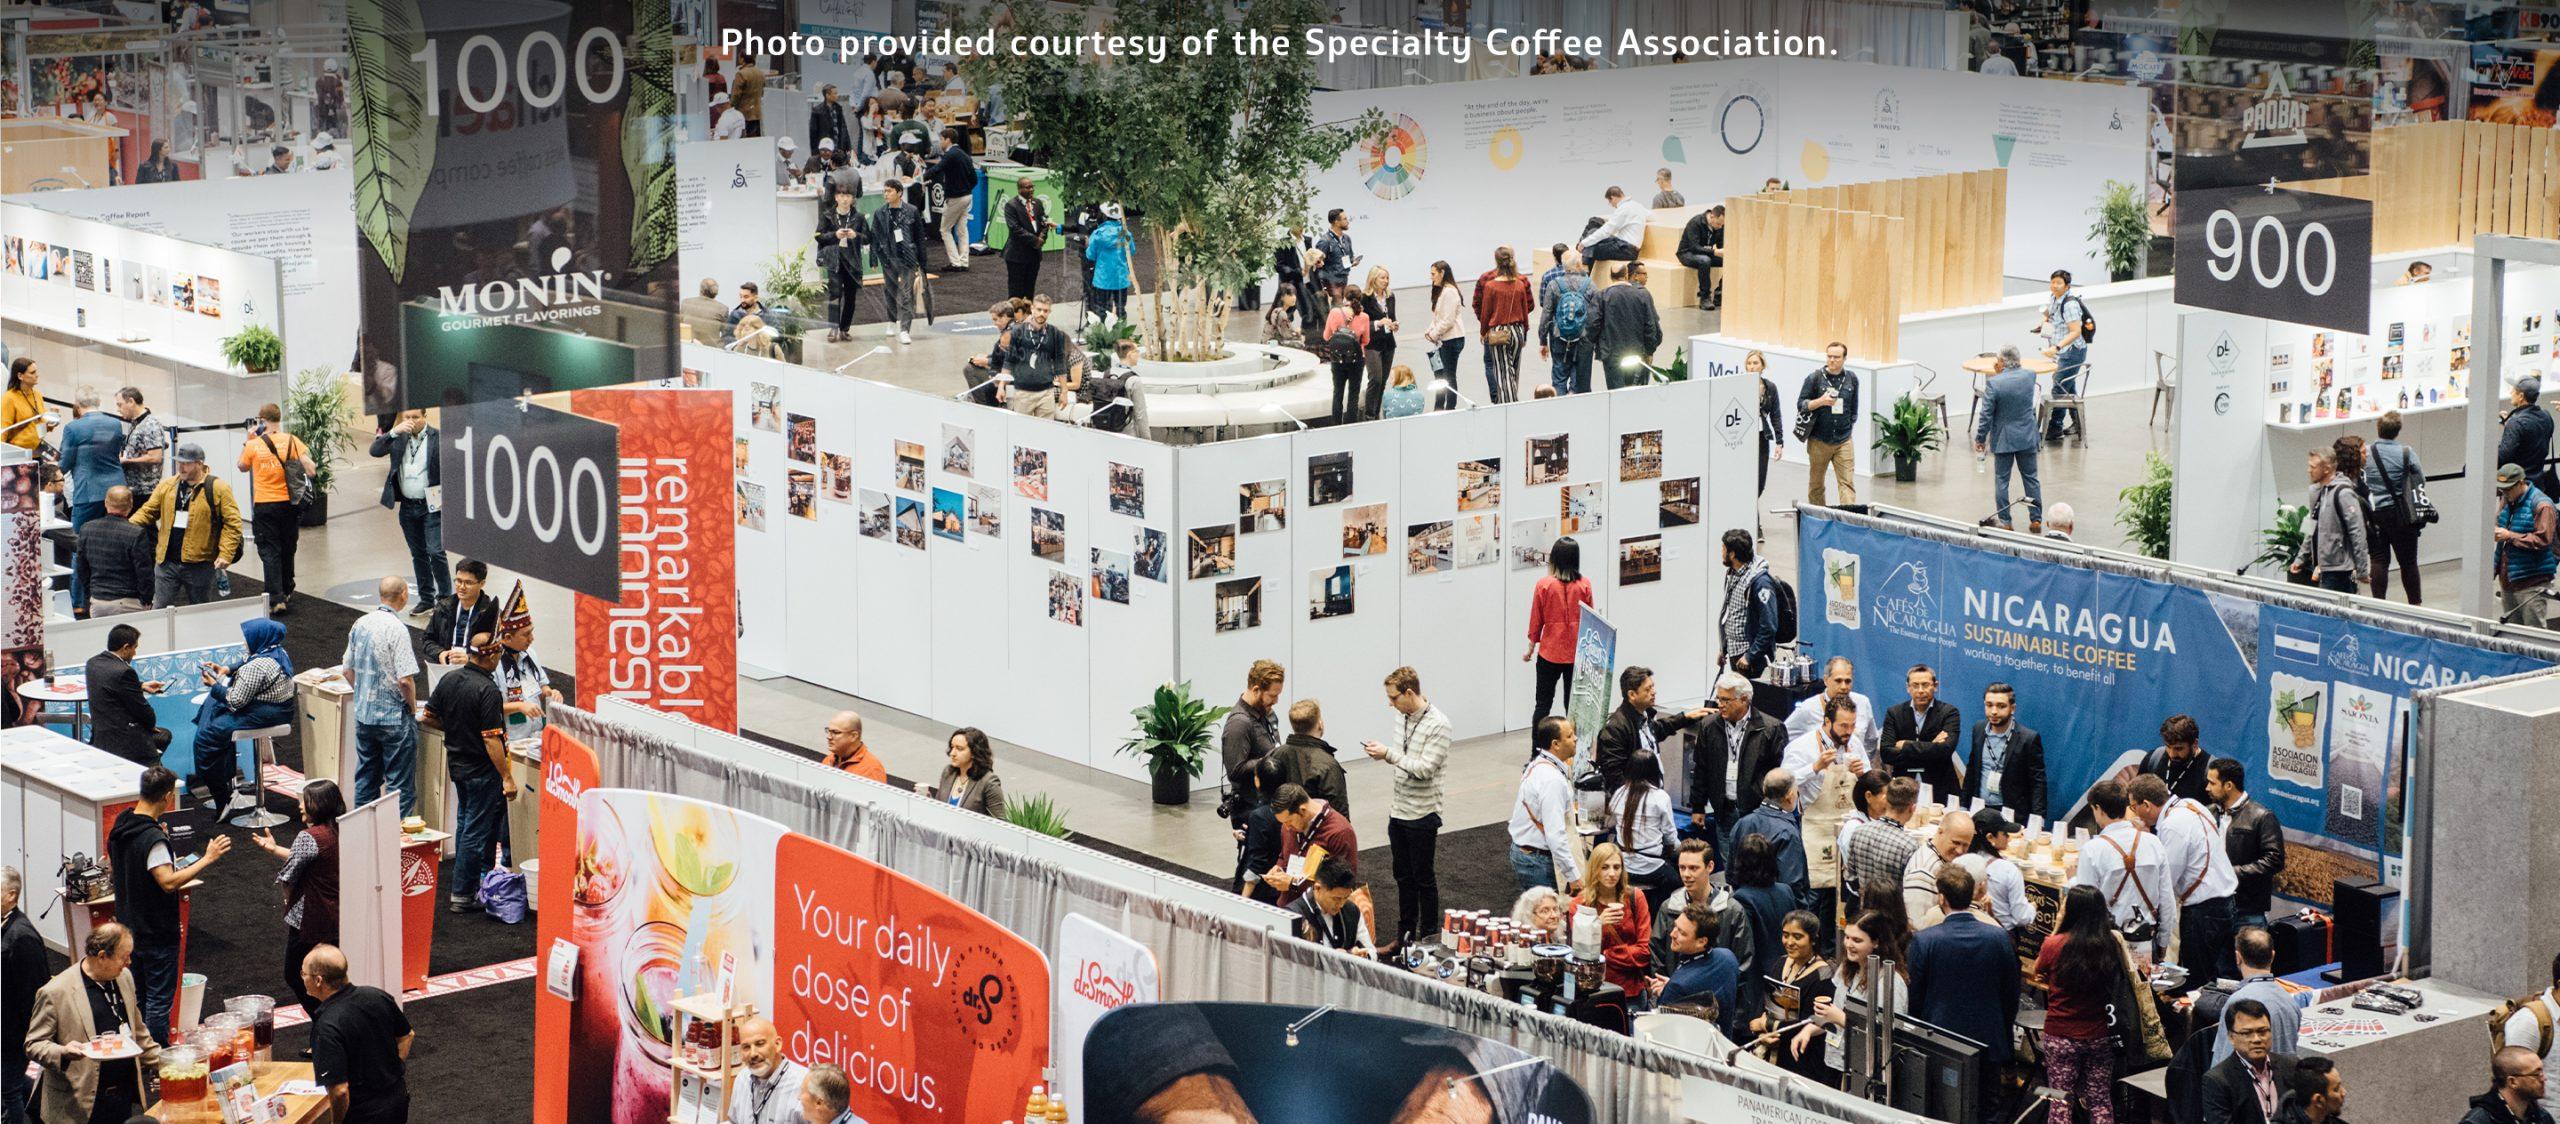 ซื้อขายเมล็ดอย่างโปร่งใส แก้วกาแฟรีไซเคิล ส่องเทรนด์กาแฟโลกในงาน Specialty Coffee Expo ที่อเมริกา